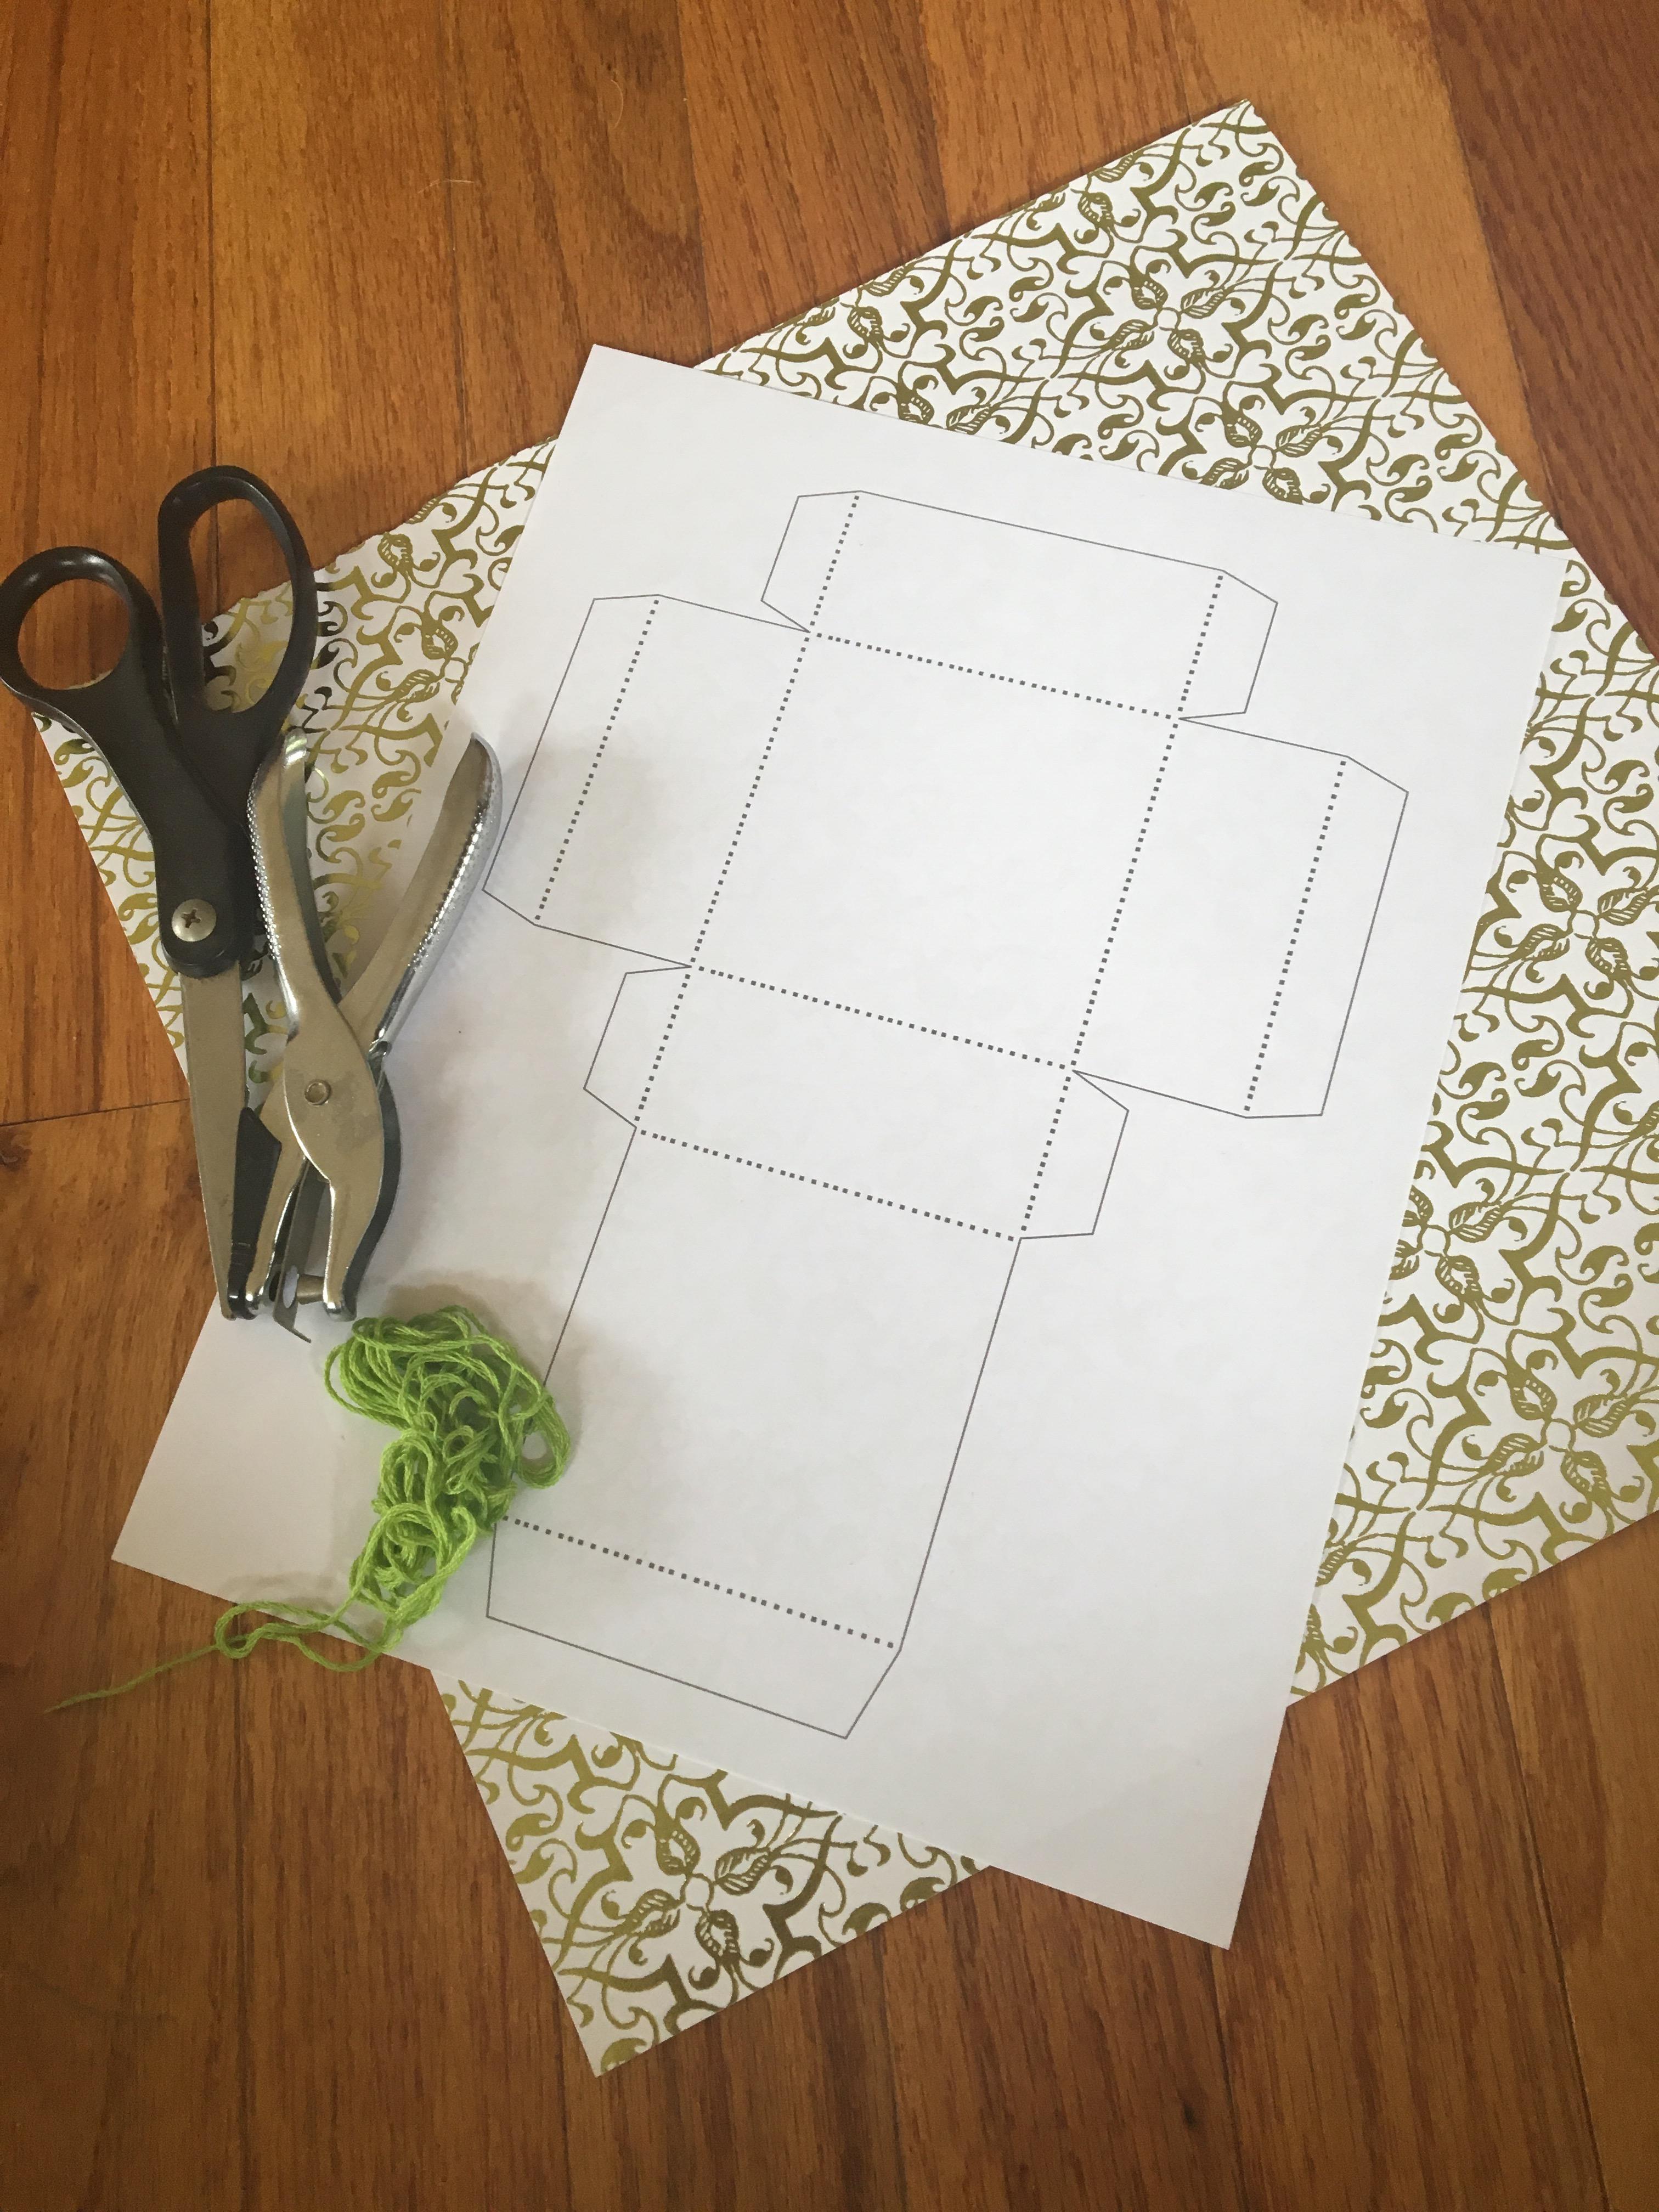 Scrapbook paper diy - Materials Needed For Scrapbook Paper Gift Boxes Diy Gift Box Materials